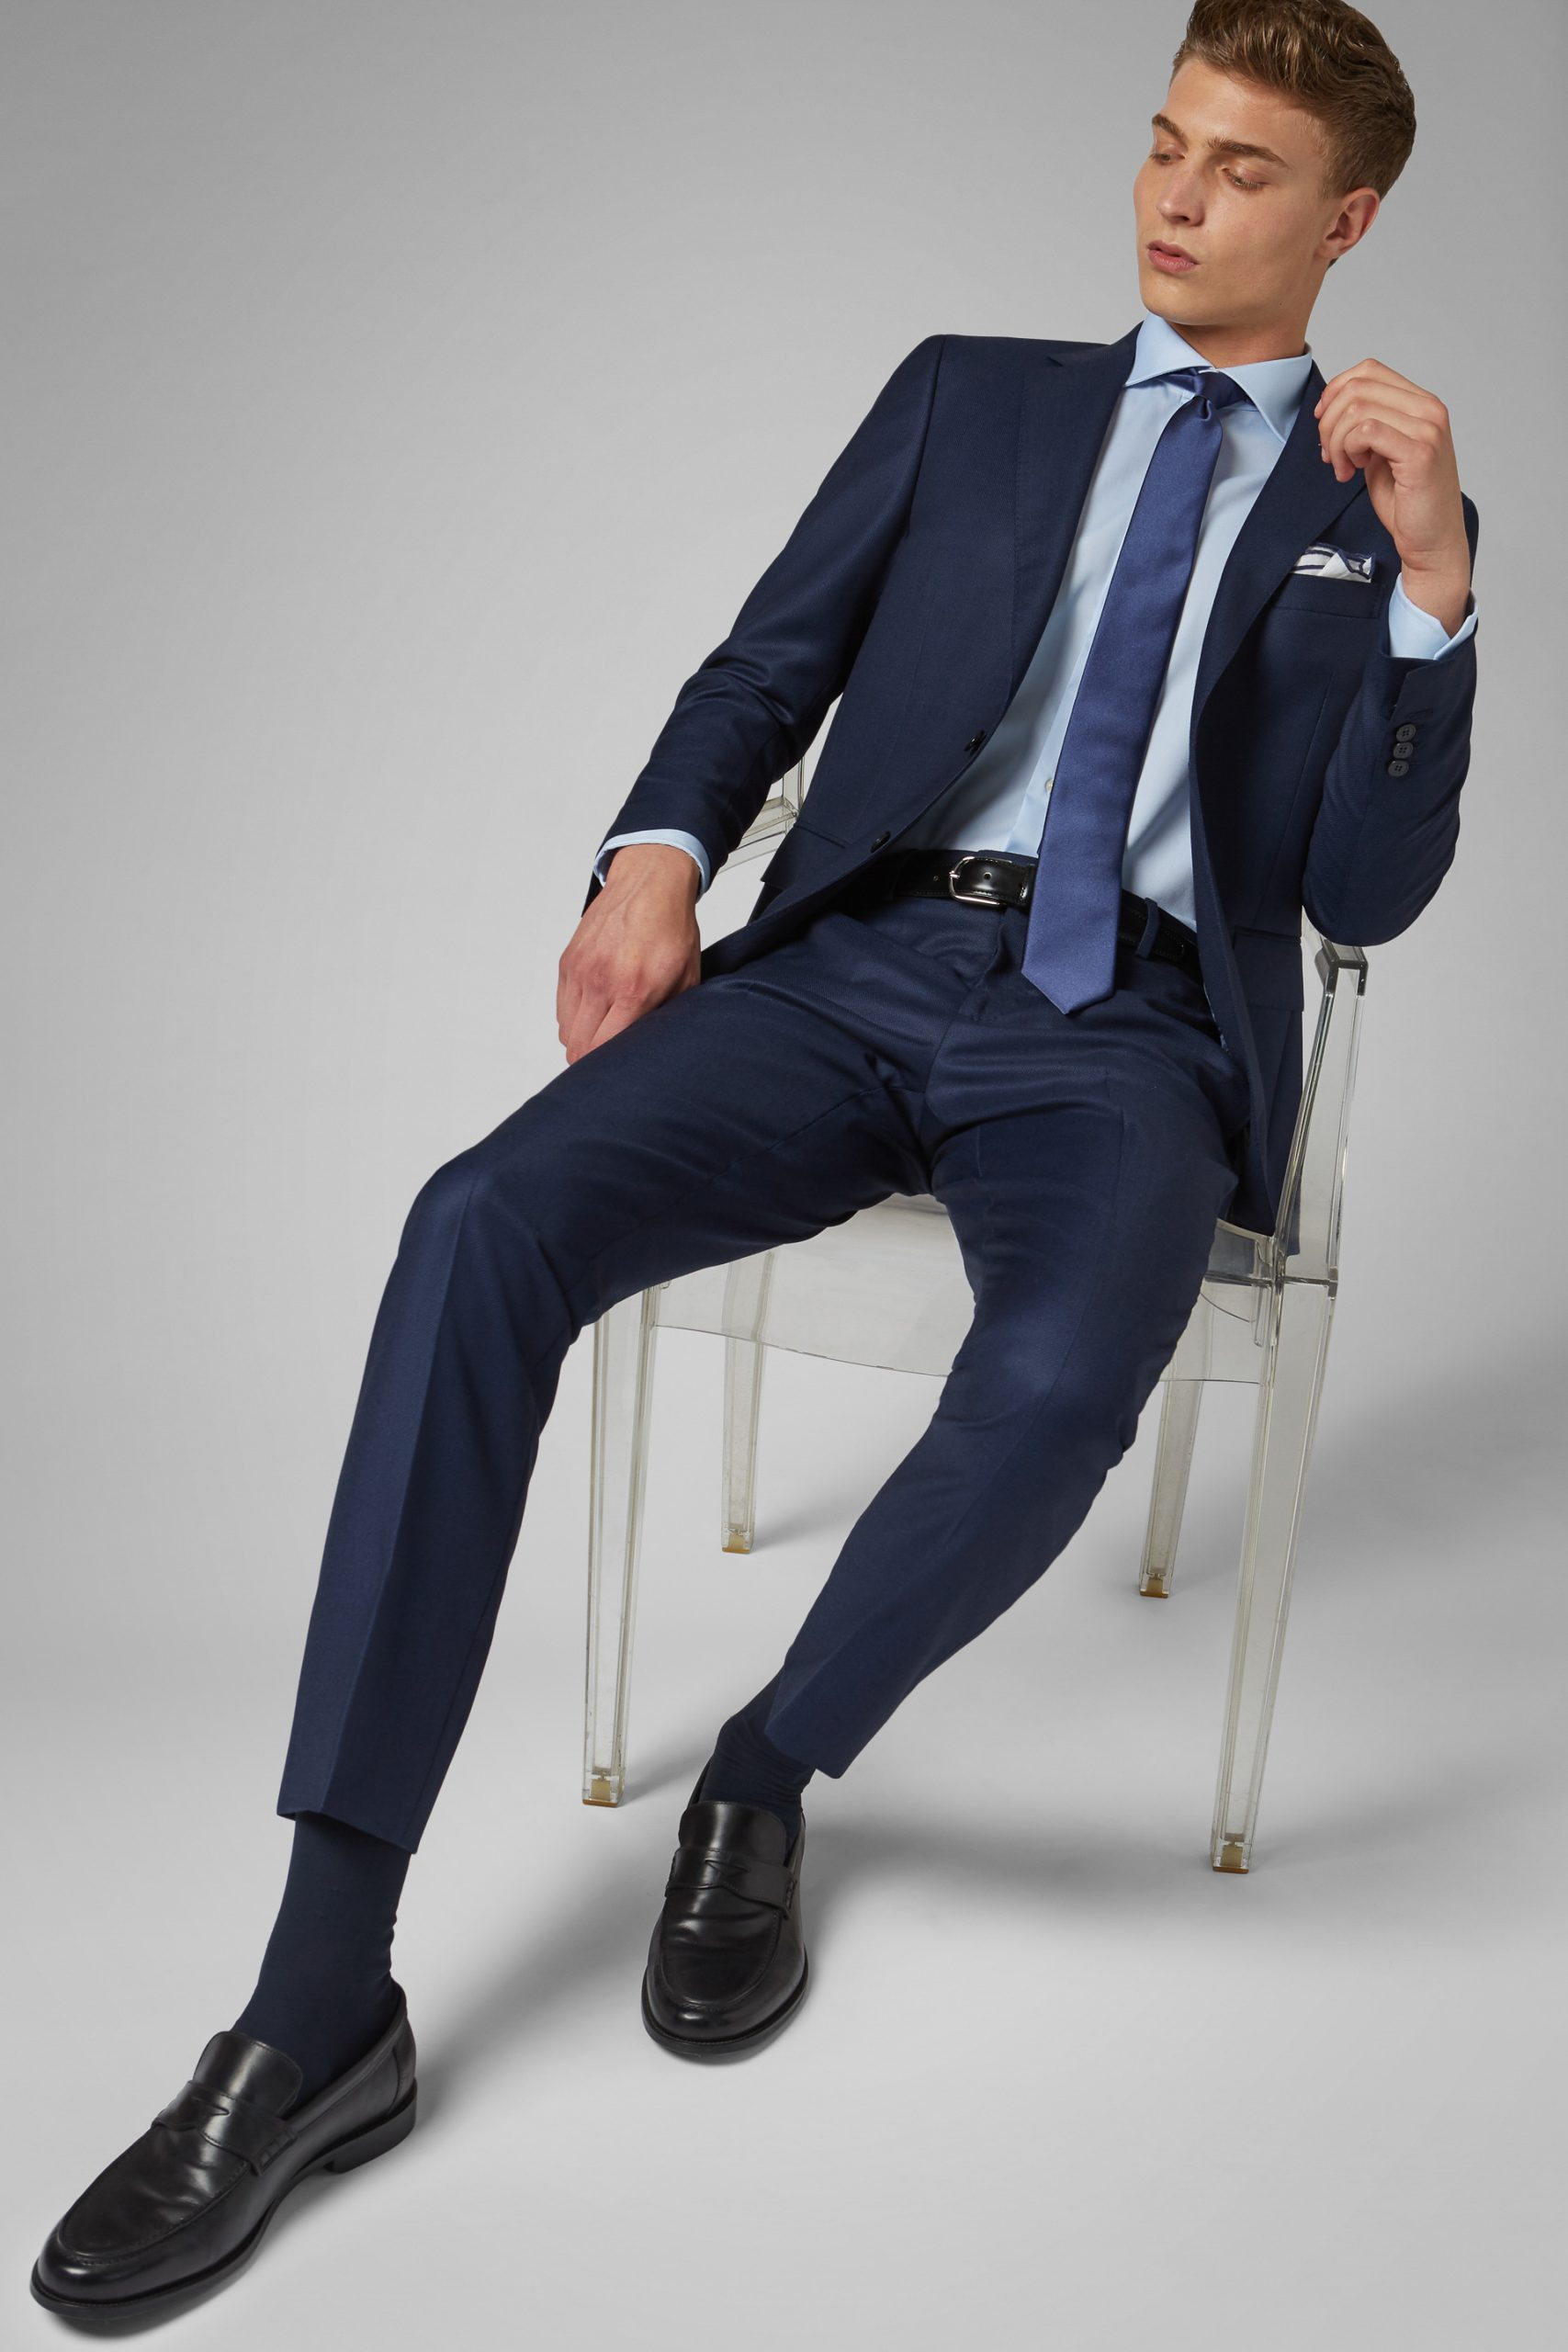 Giacca da abito da uomo in colore Bluette in materiale